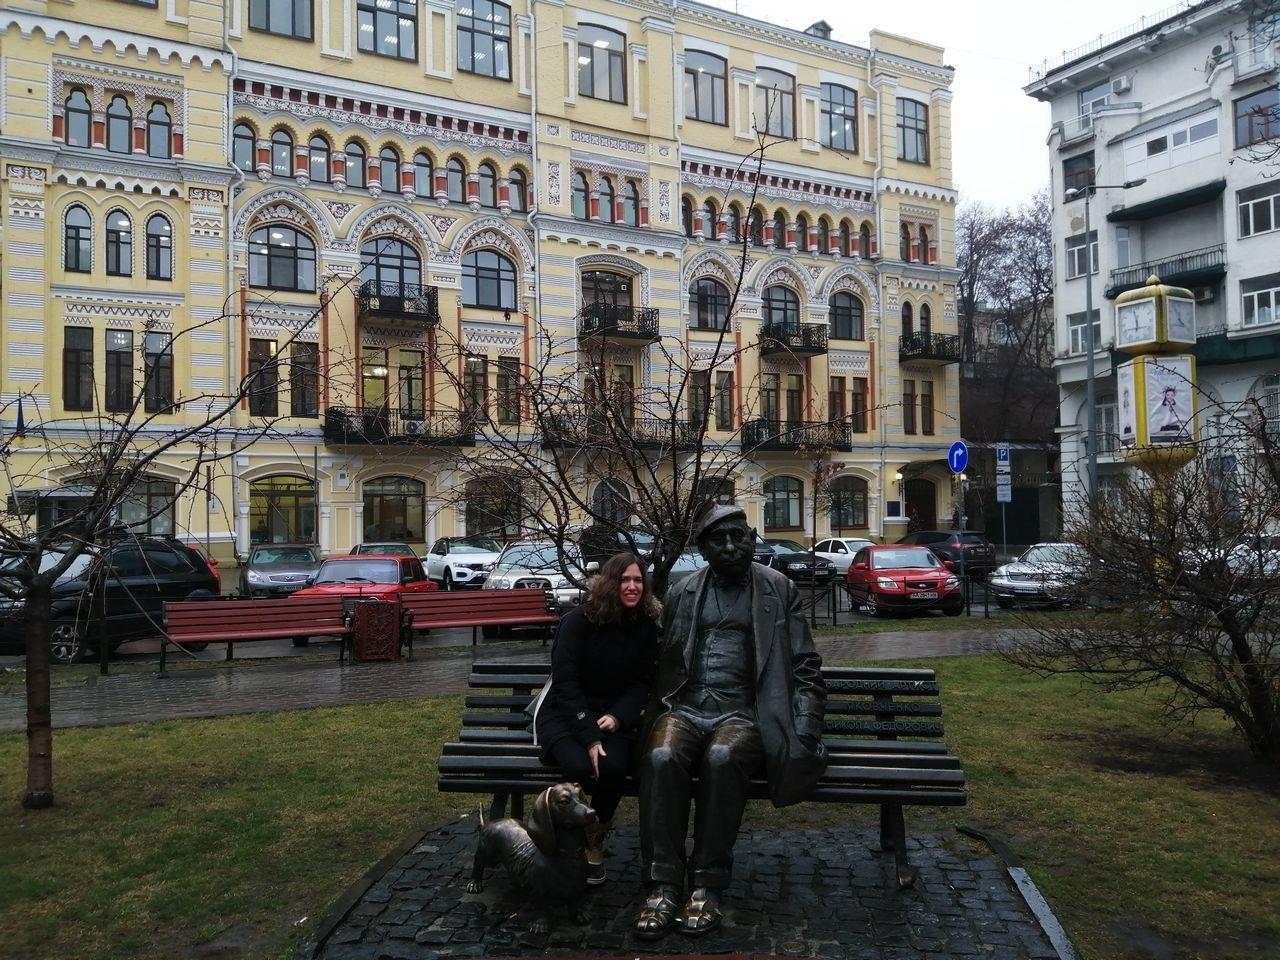 Escultura del actor ucraniano Mykola Yakovchenko y su inseparable mascota en la plaza de Iván Franko.